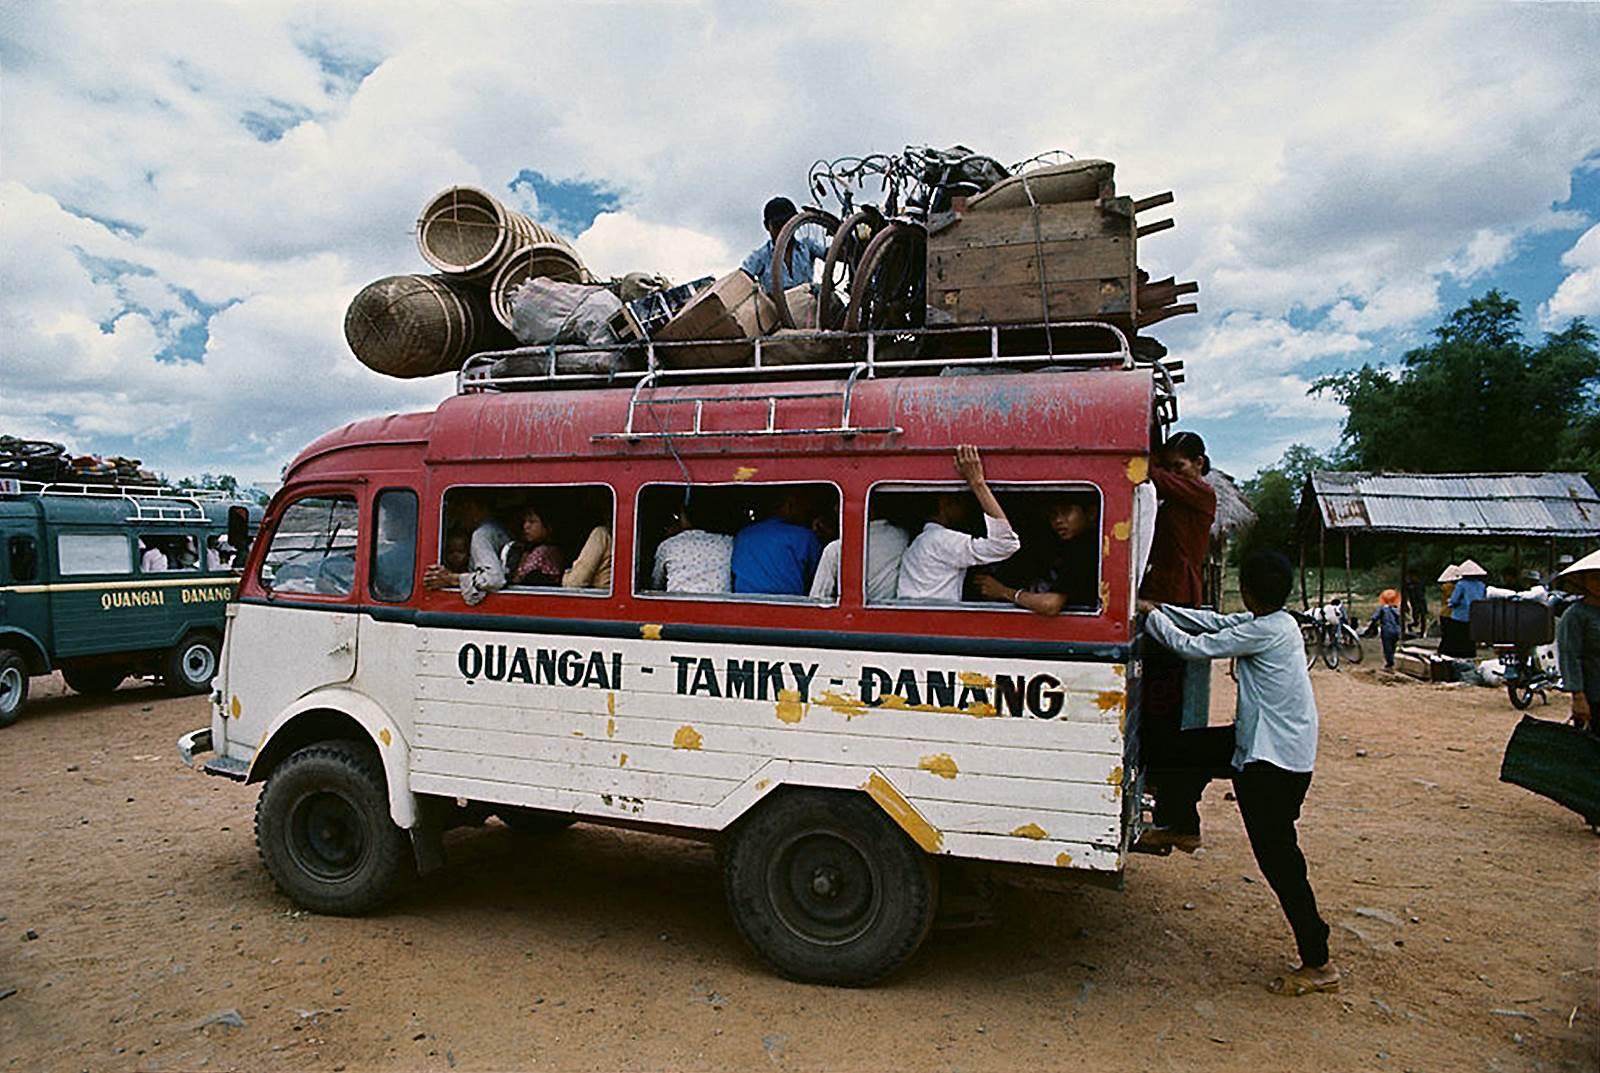 2 chiếc xe khách đầy kín khách tuyến Quãng Ngãi - Tam Kỳ - Đà Nẵng